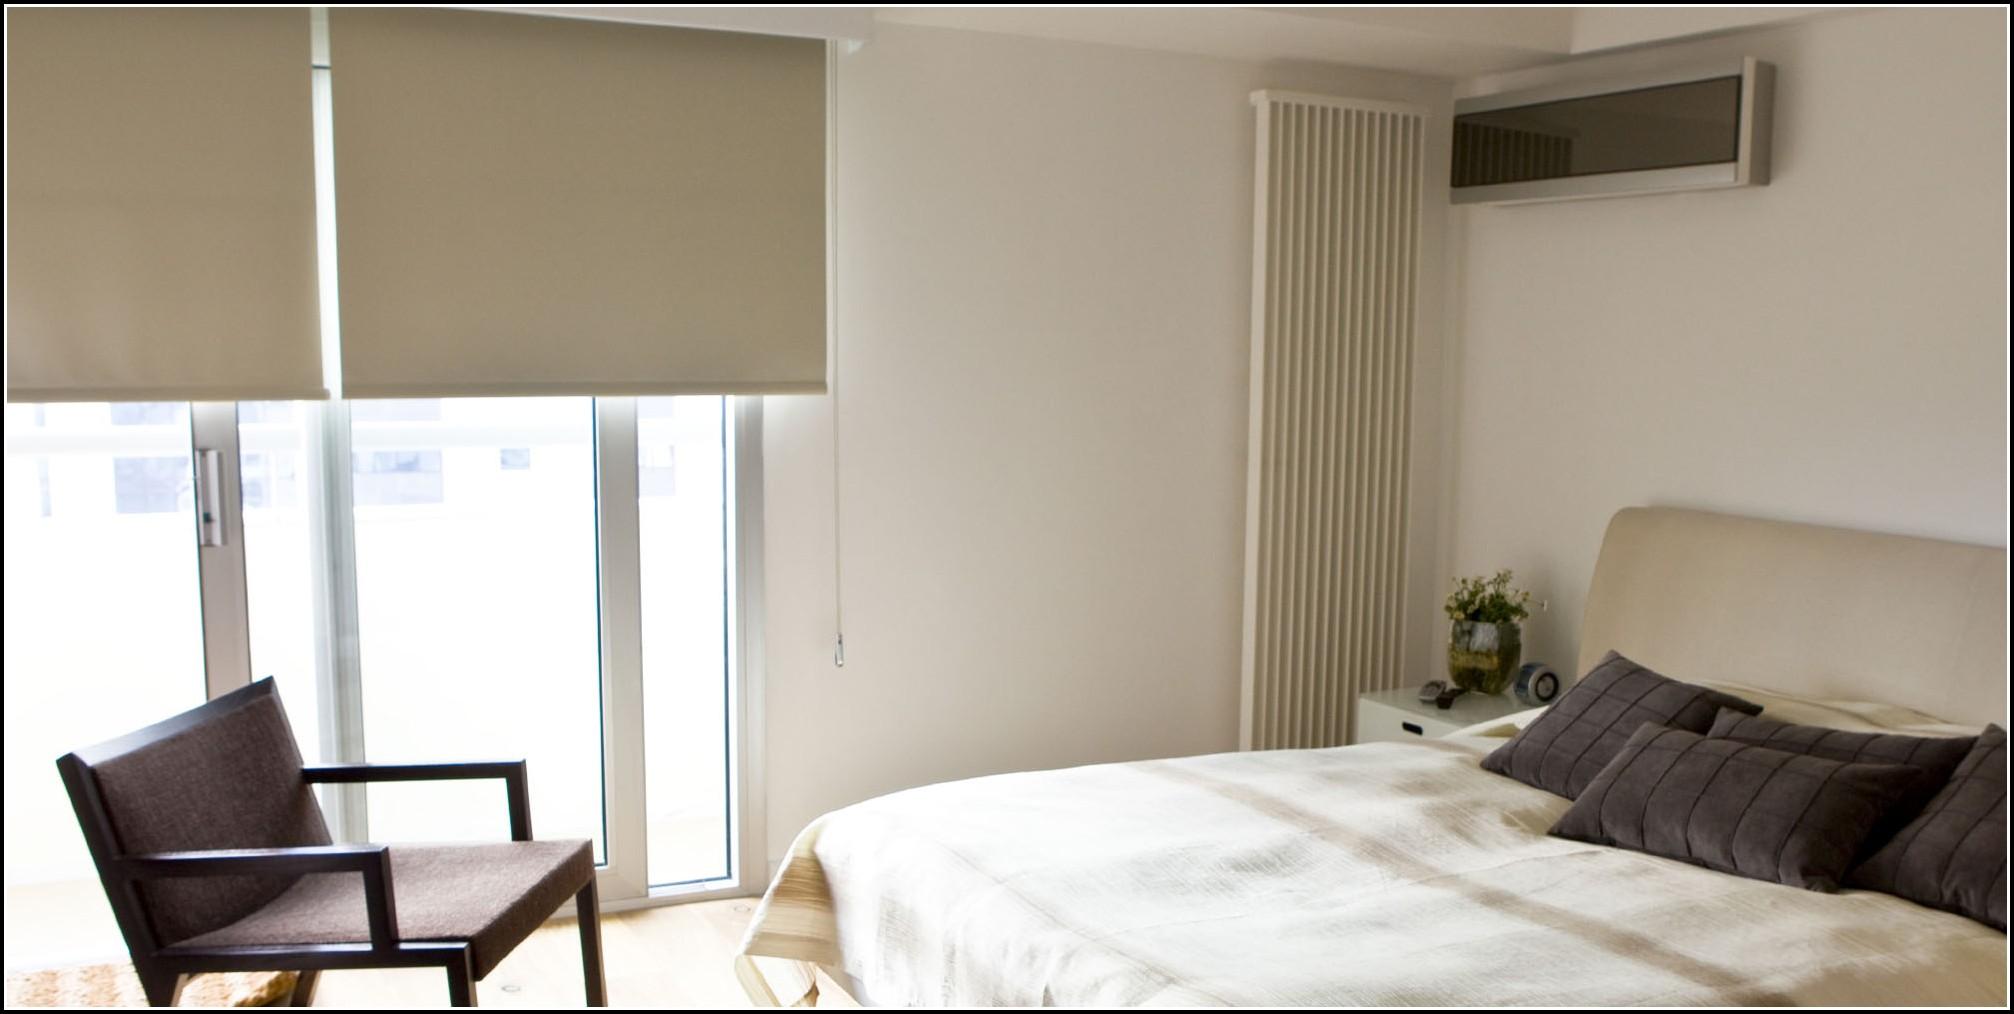 klimaanlage im schlafzimmer nachrüsten | klimaanlage für